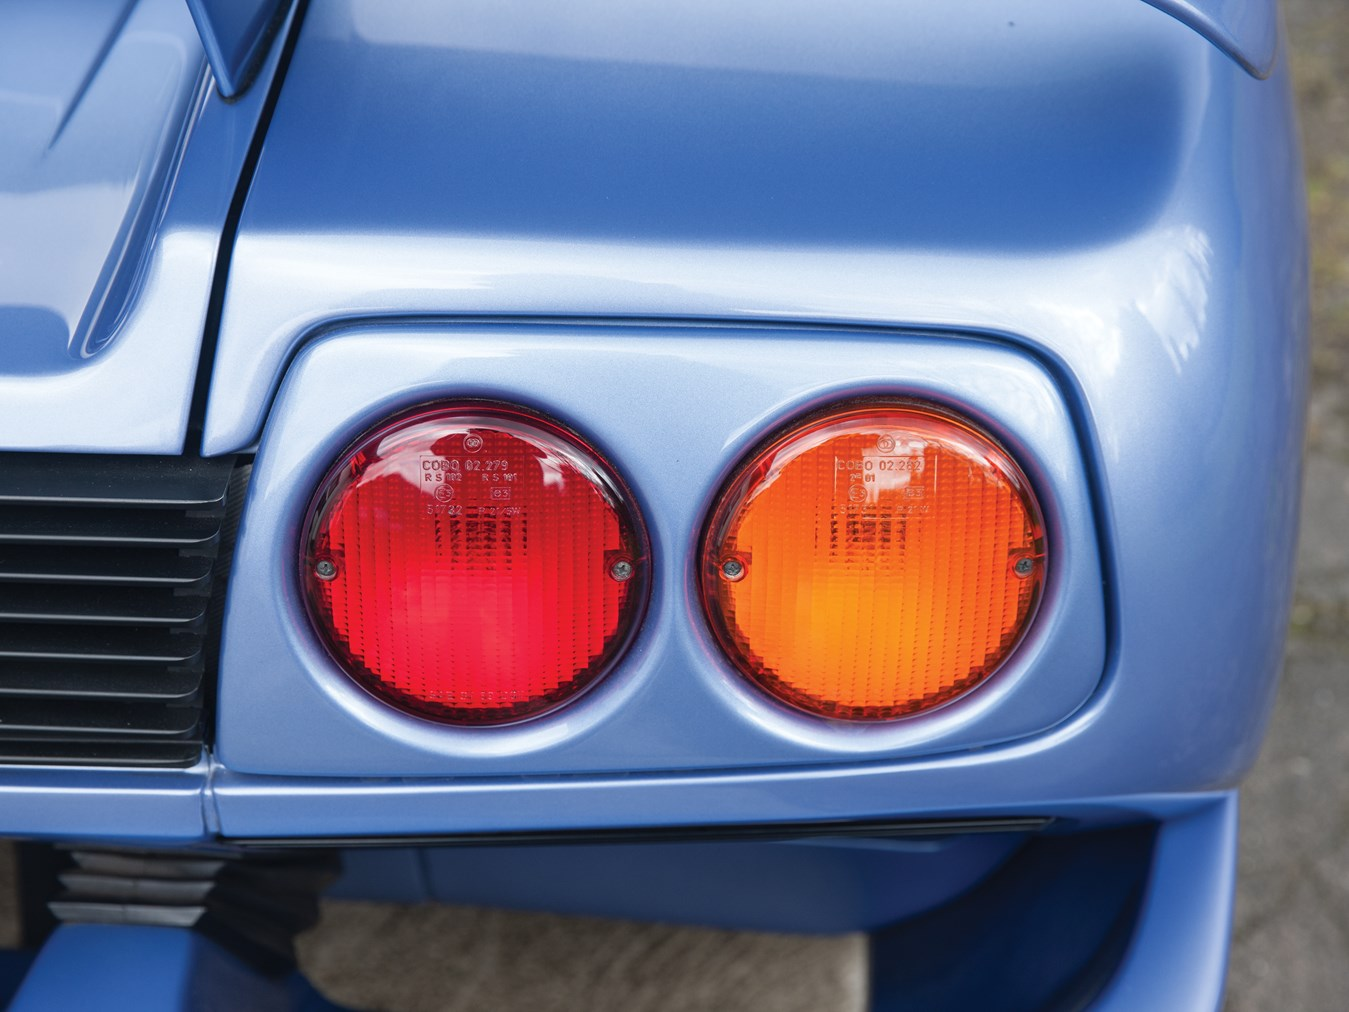 1995 Lamborghini Diablo tail light